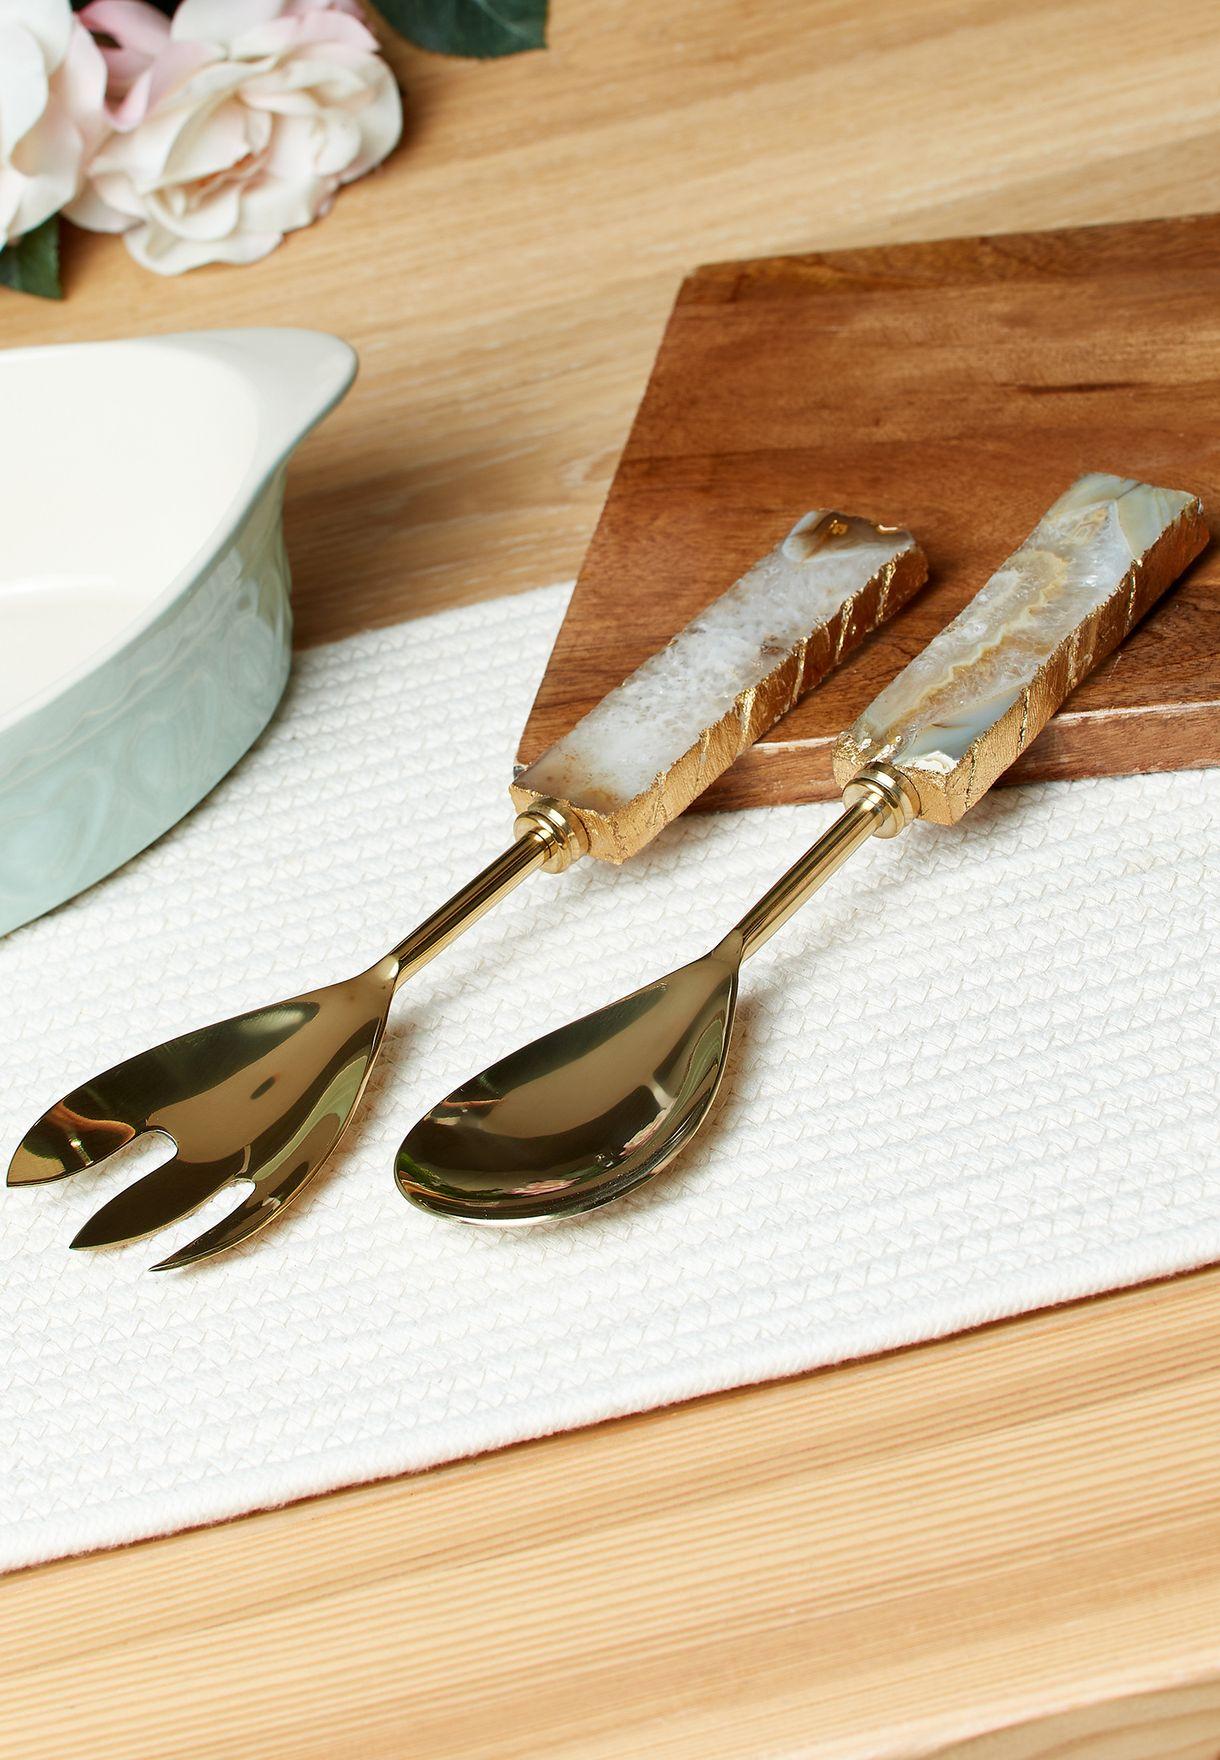 ادوات طعام ملعقة وشوكة